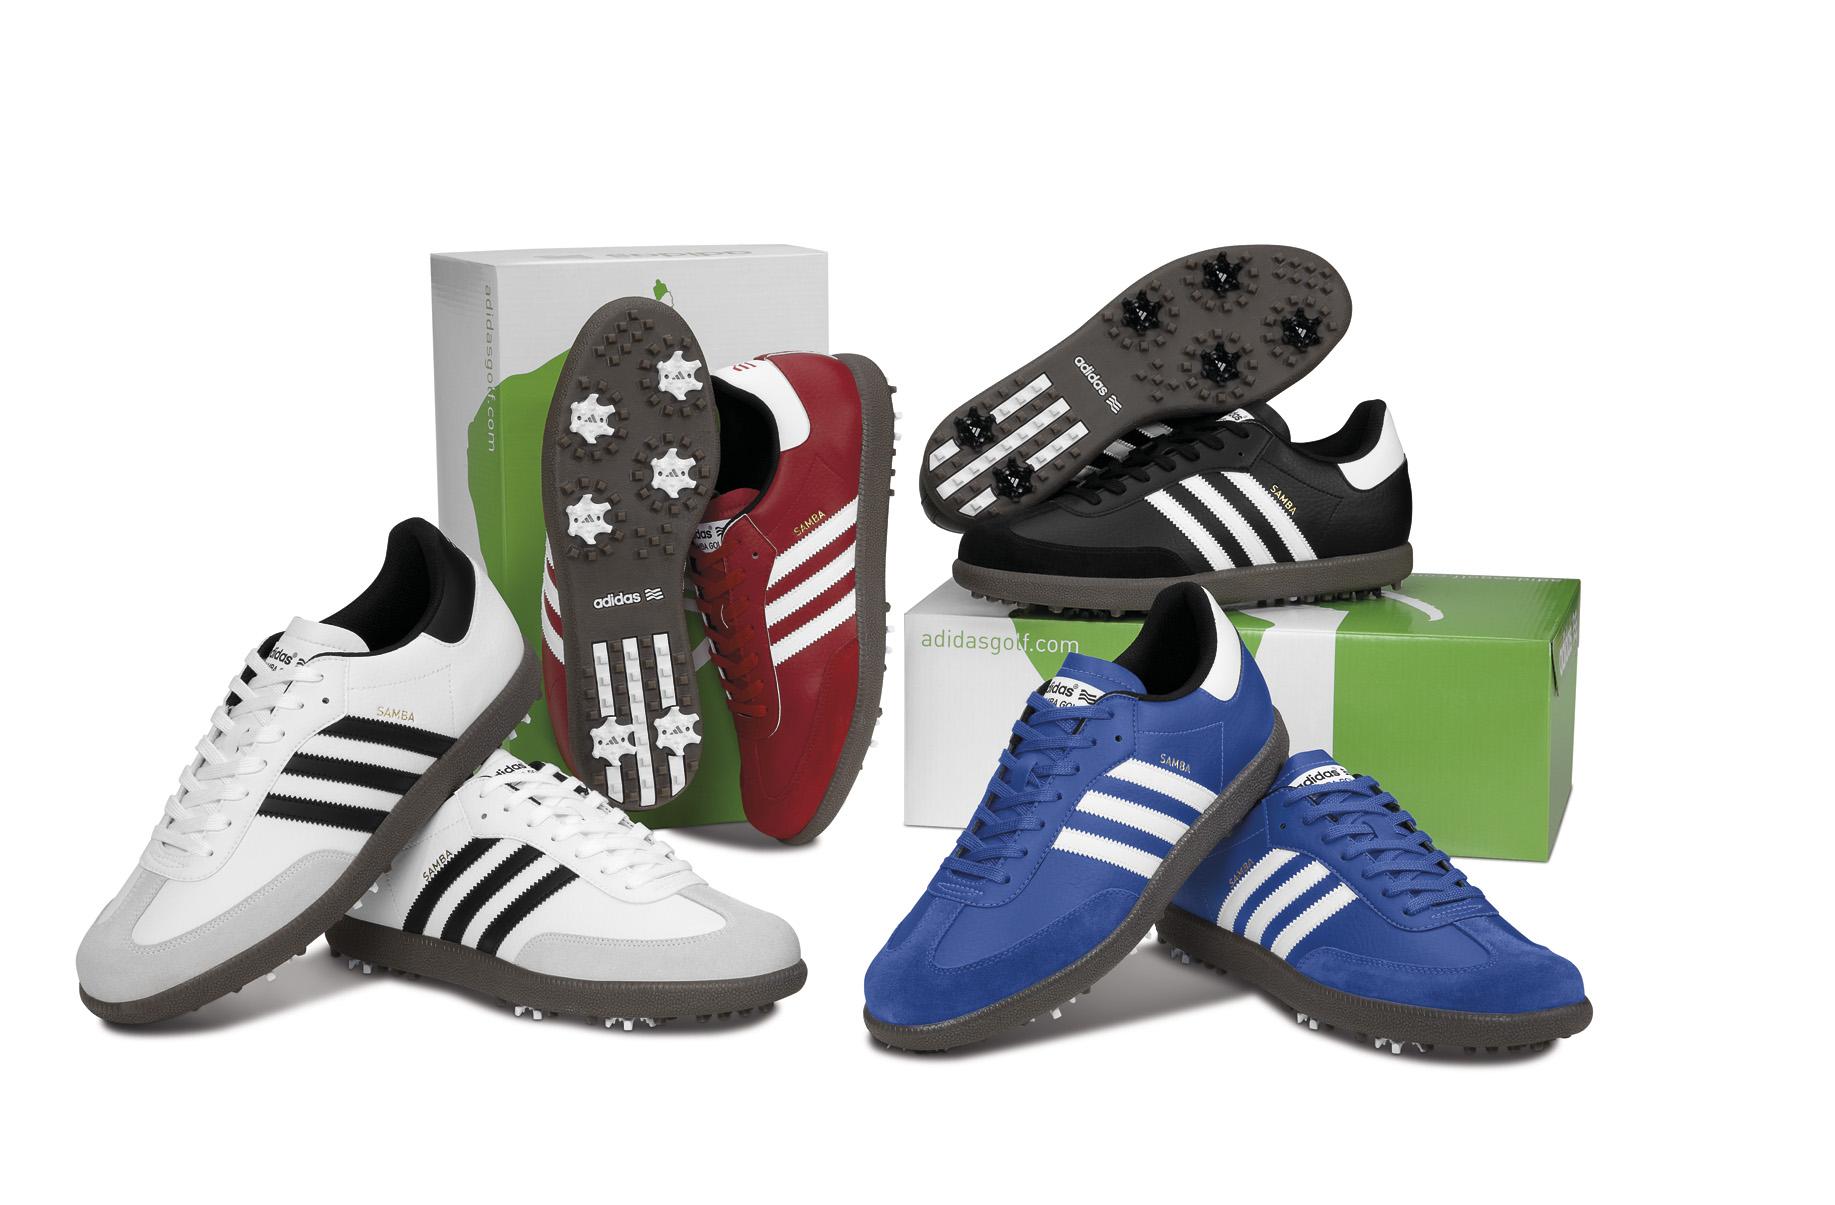 adidas-Golf-Introduces-SAMBA-GOLF-Footwear